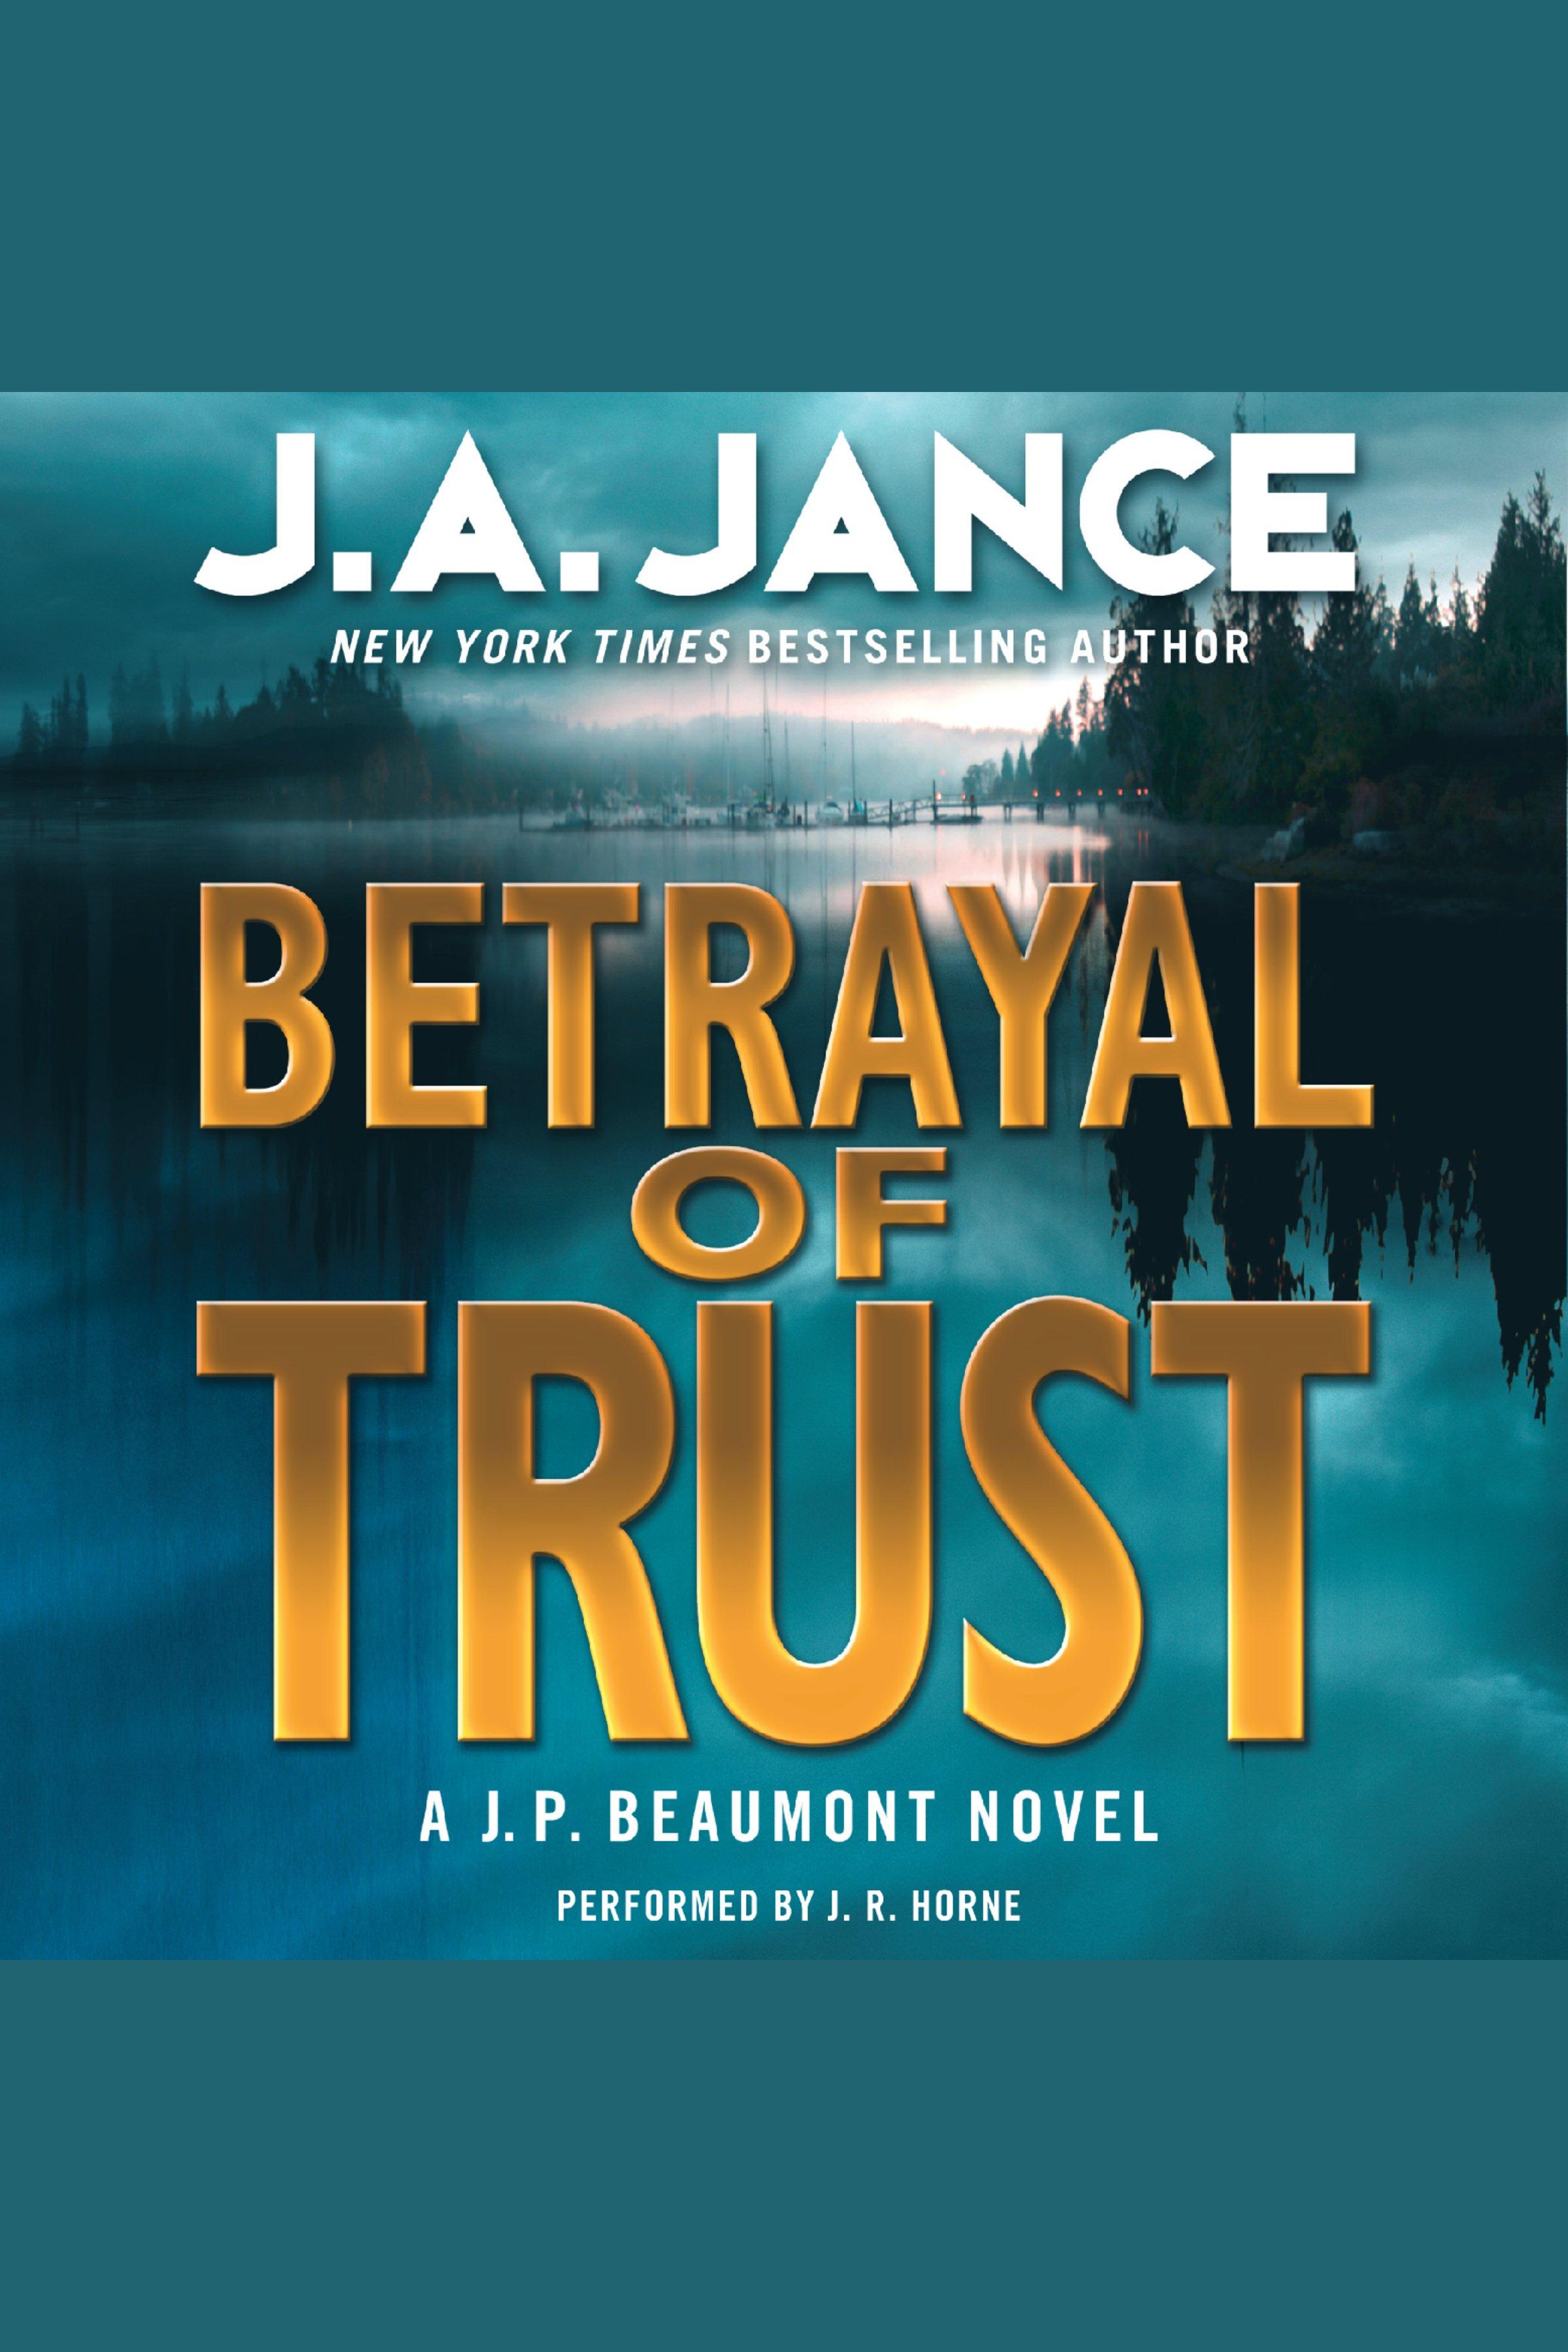 Betrayal of Trust A J. P. Beaumont Novel